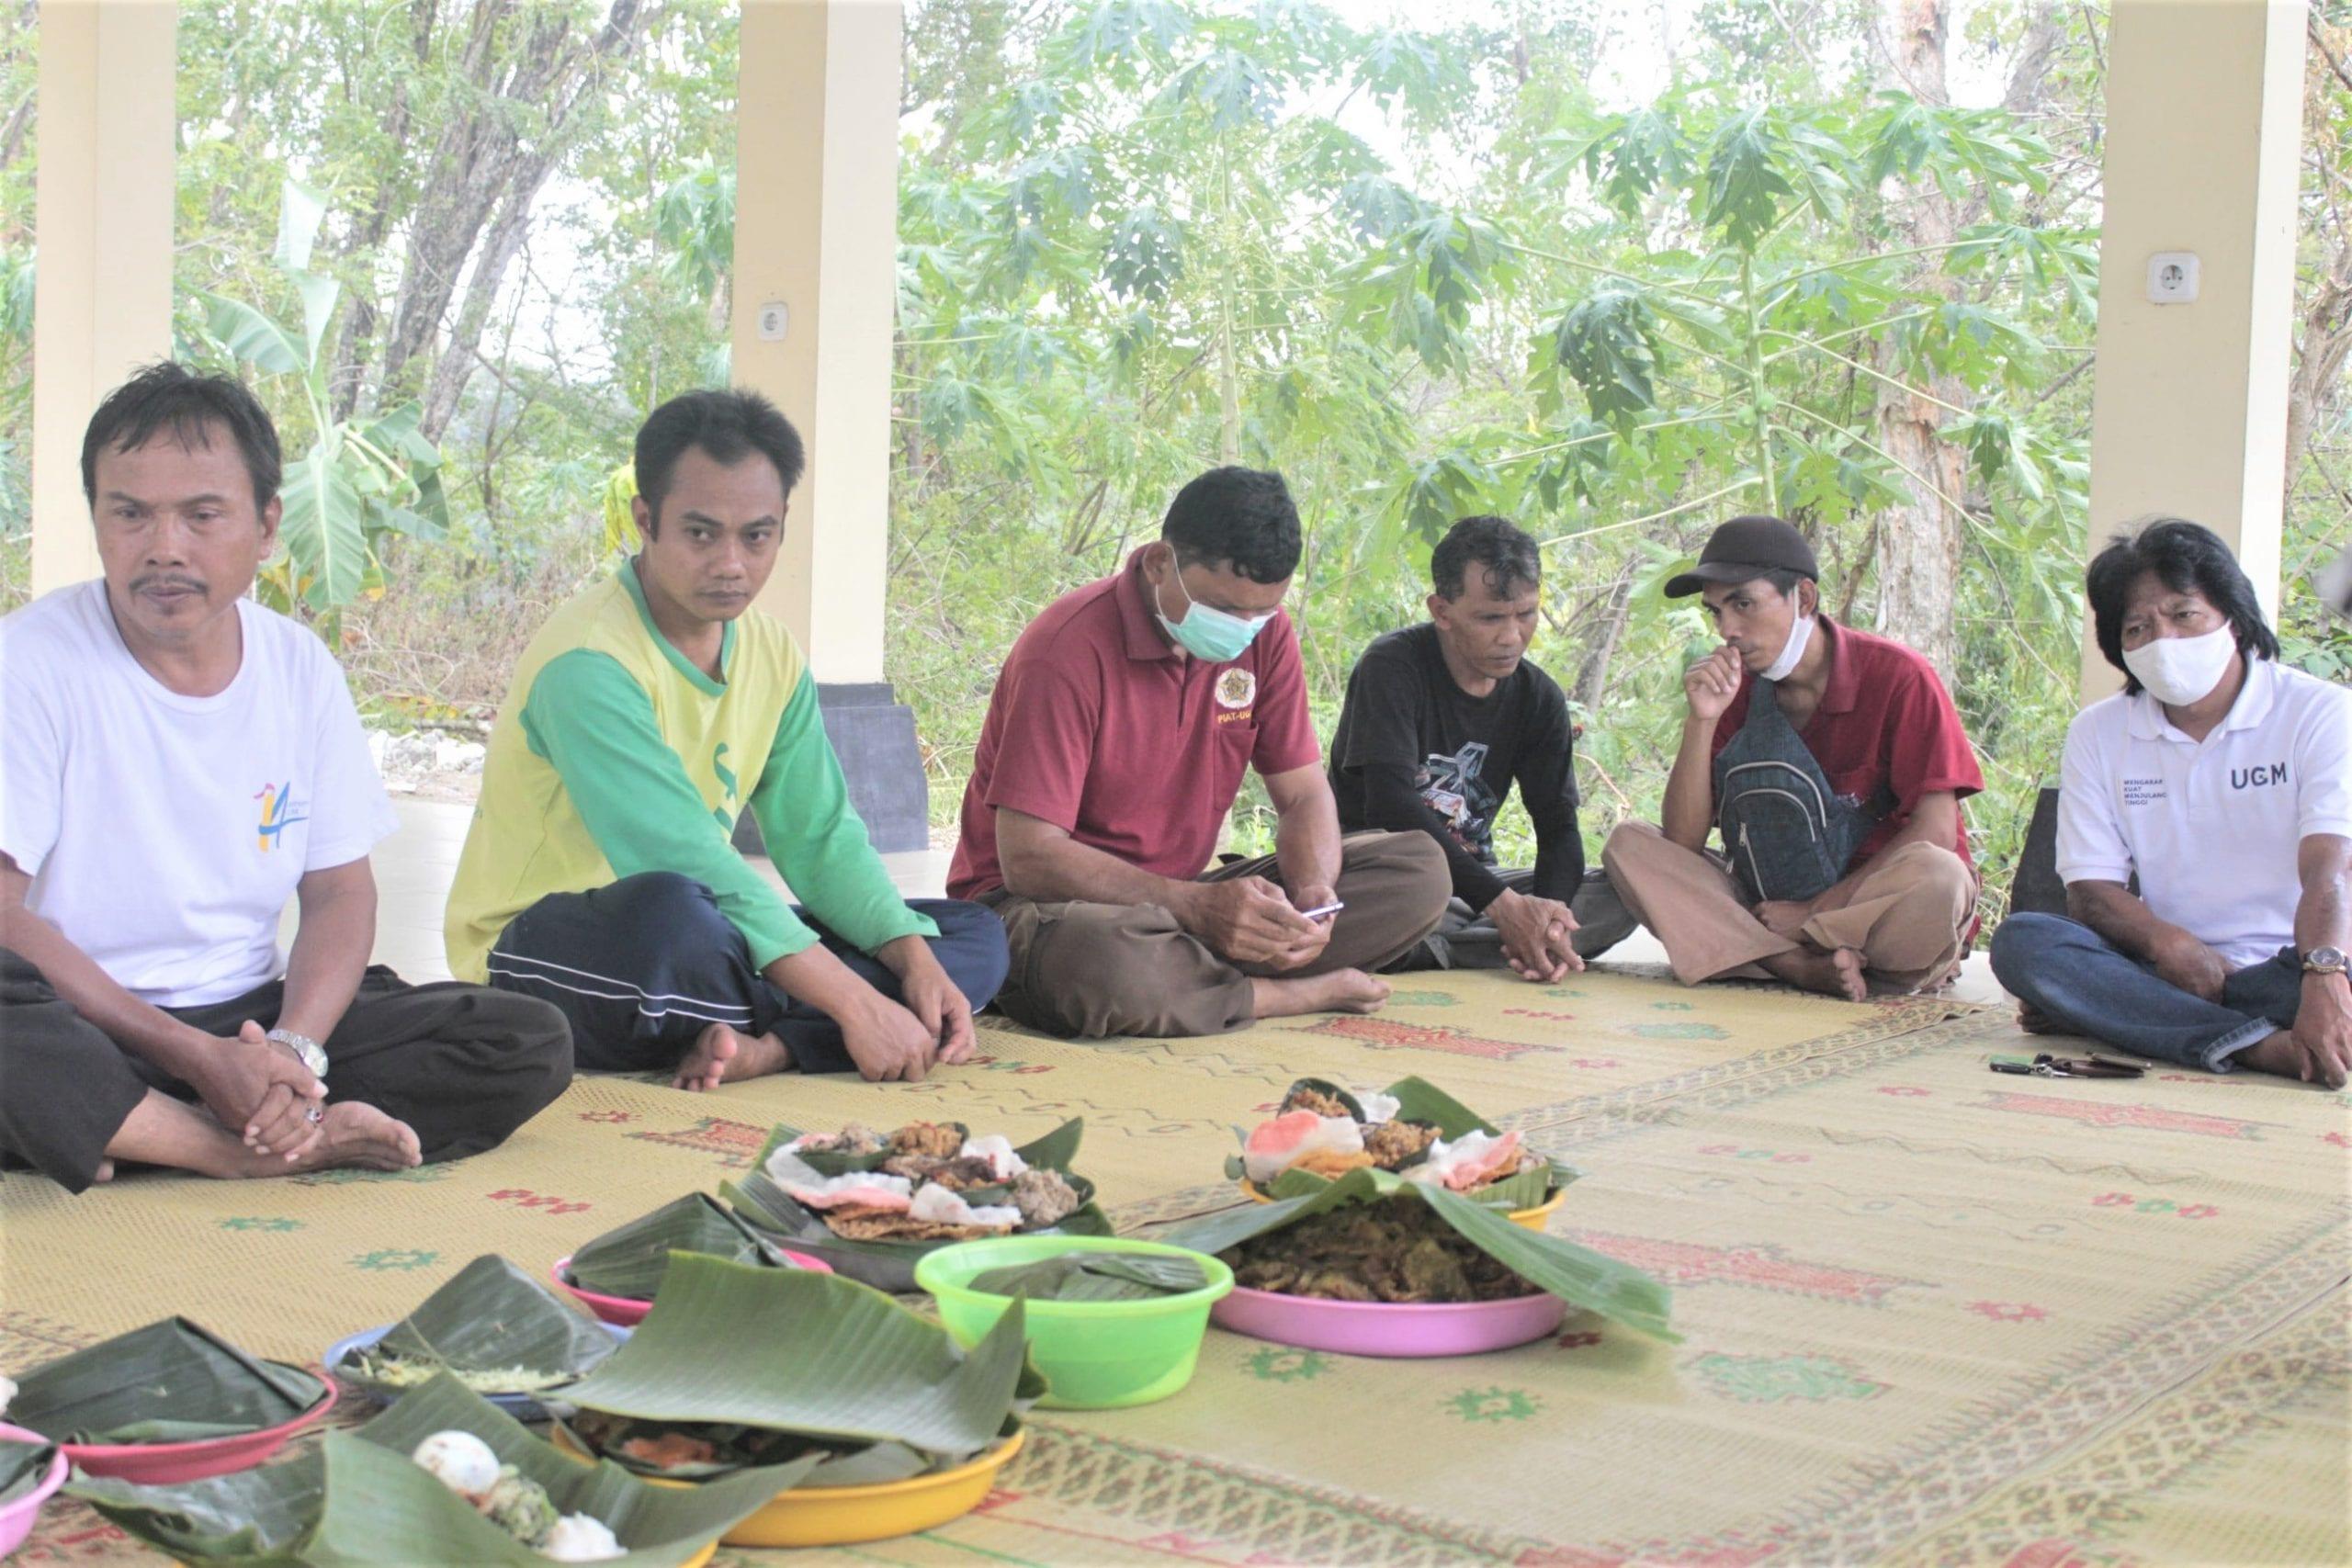 Kehadiran para pekerja lapangan PIAT UGM yang mengurusi lahan di Mangunan serta pekerja yang akan mengurusi langsung proses penyulingan minyak kayu putih.